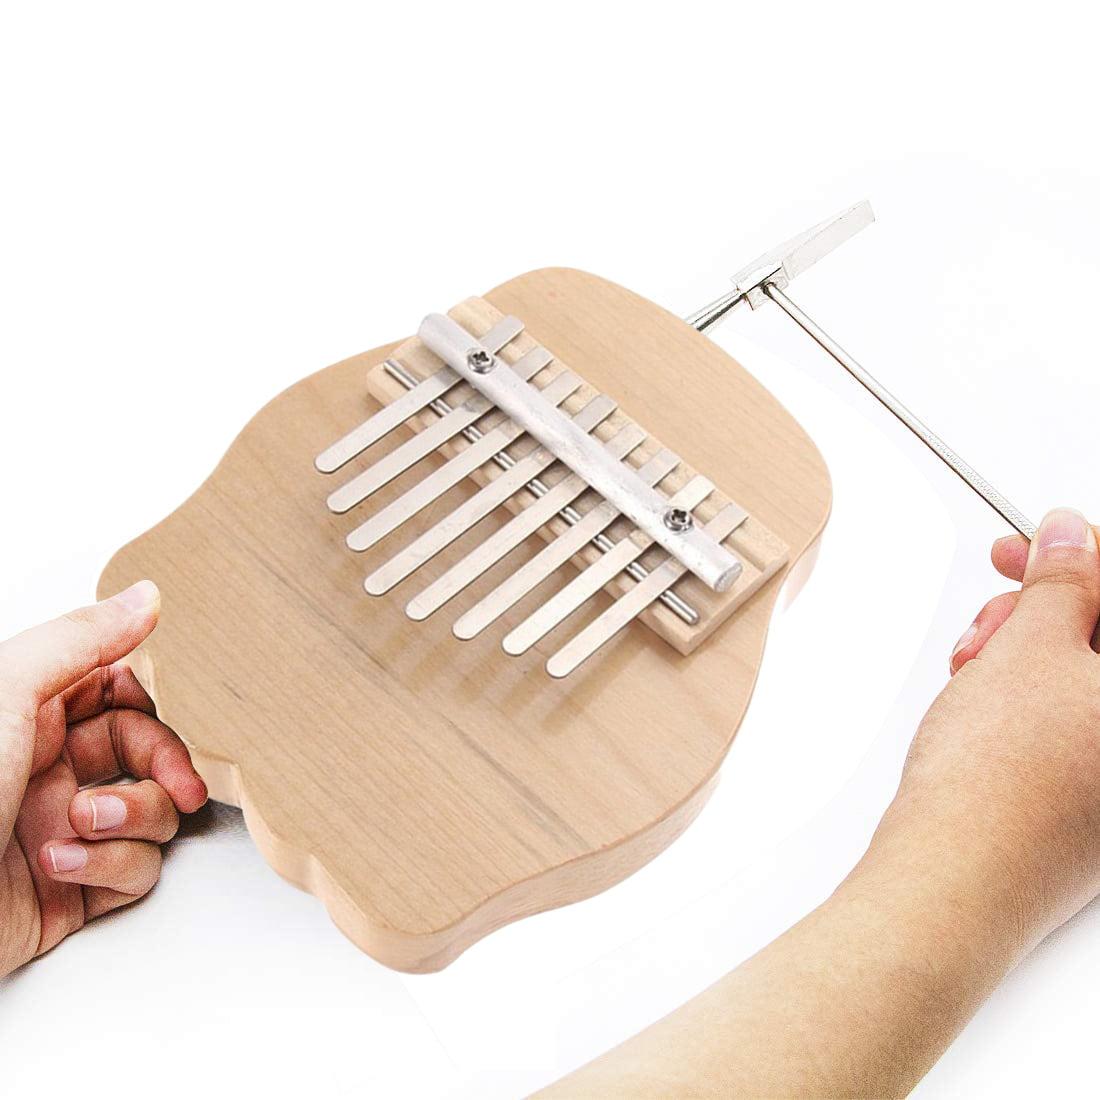 ICOCO 8 keys Thumb Piano kit, Rounded Edges Electric Kalimba, Portable Mahogany Wood